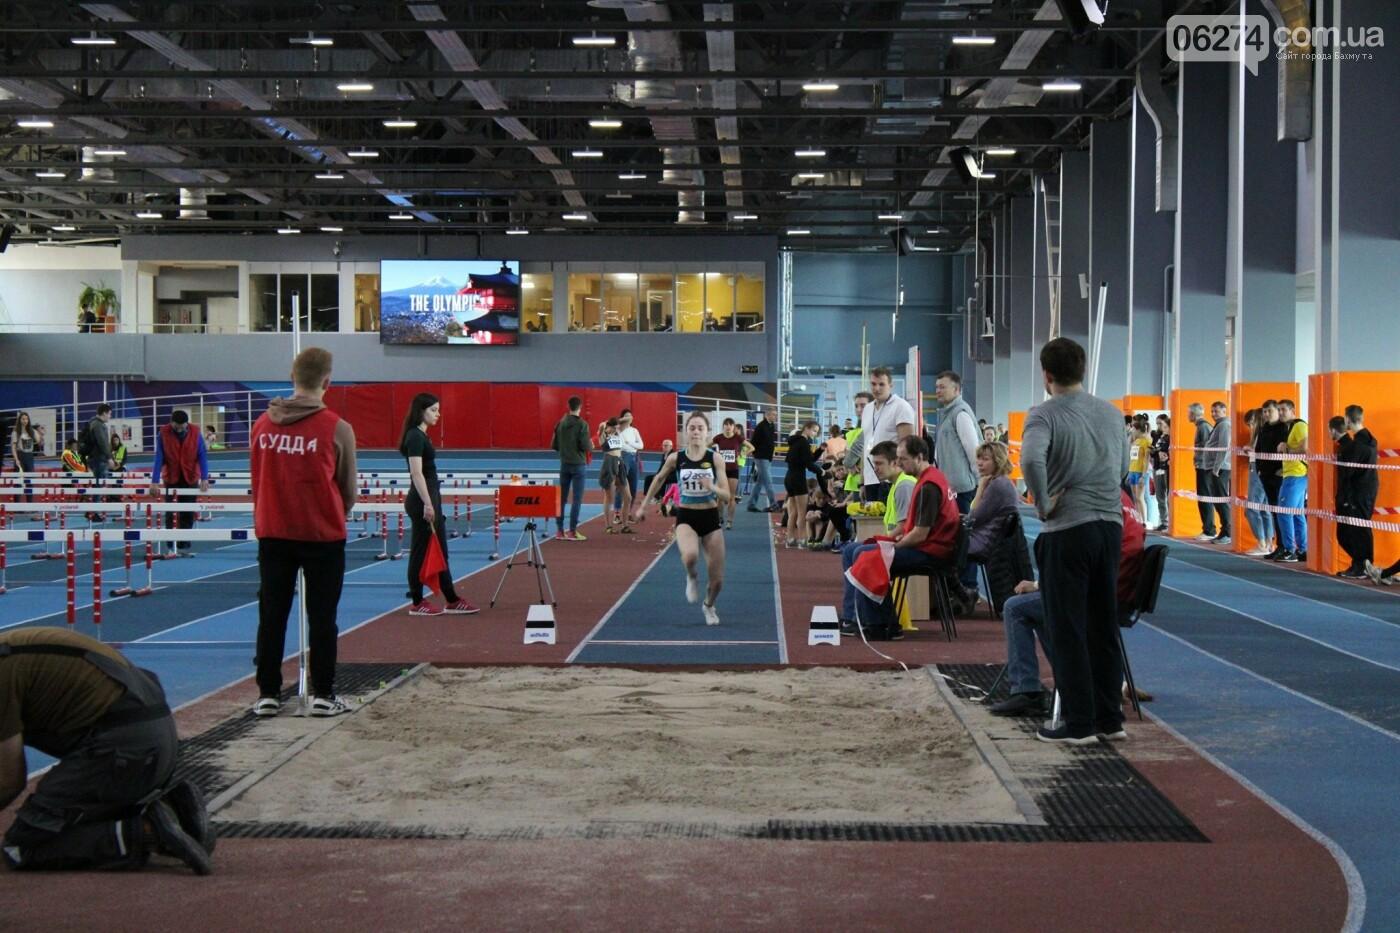 Спортсмены Бахмута – среди лучших на чемпионате Украины по легкоатлетическому двоеборью, фото-3